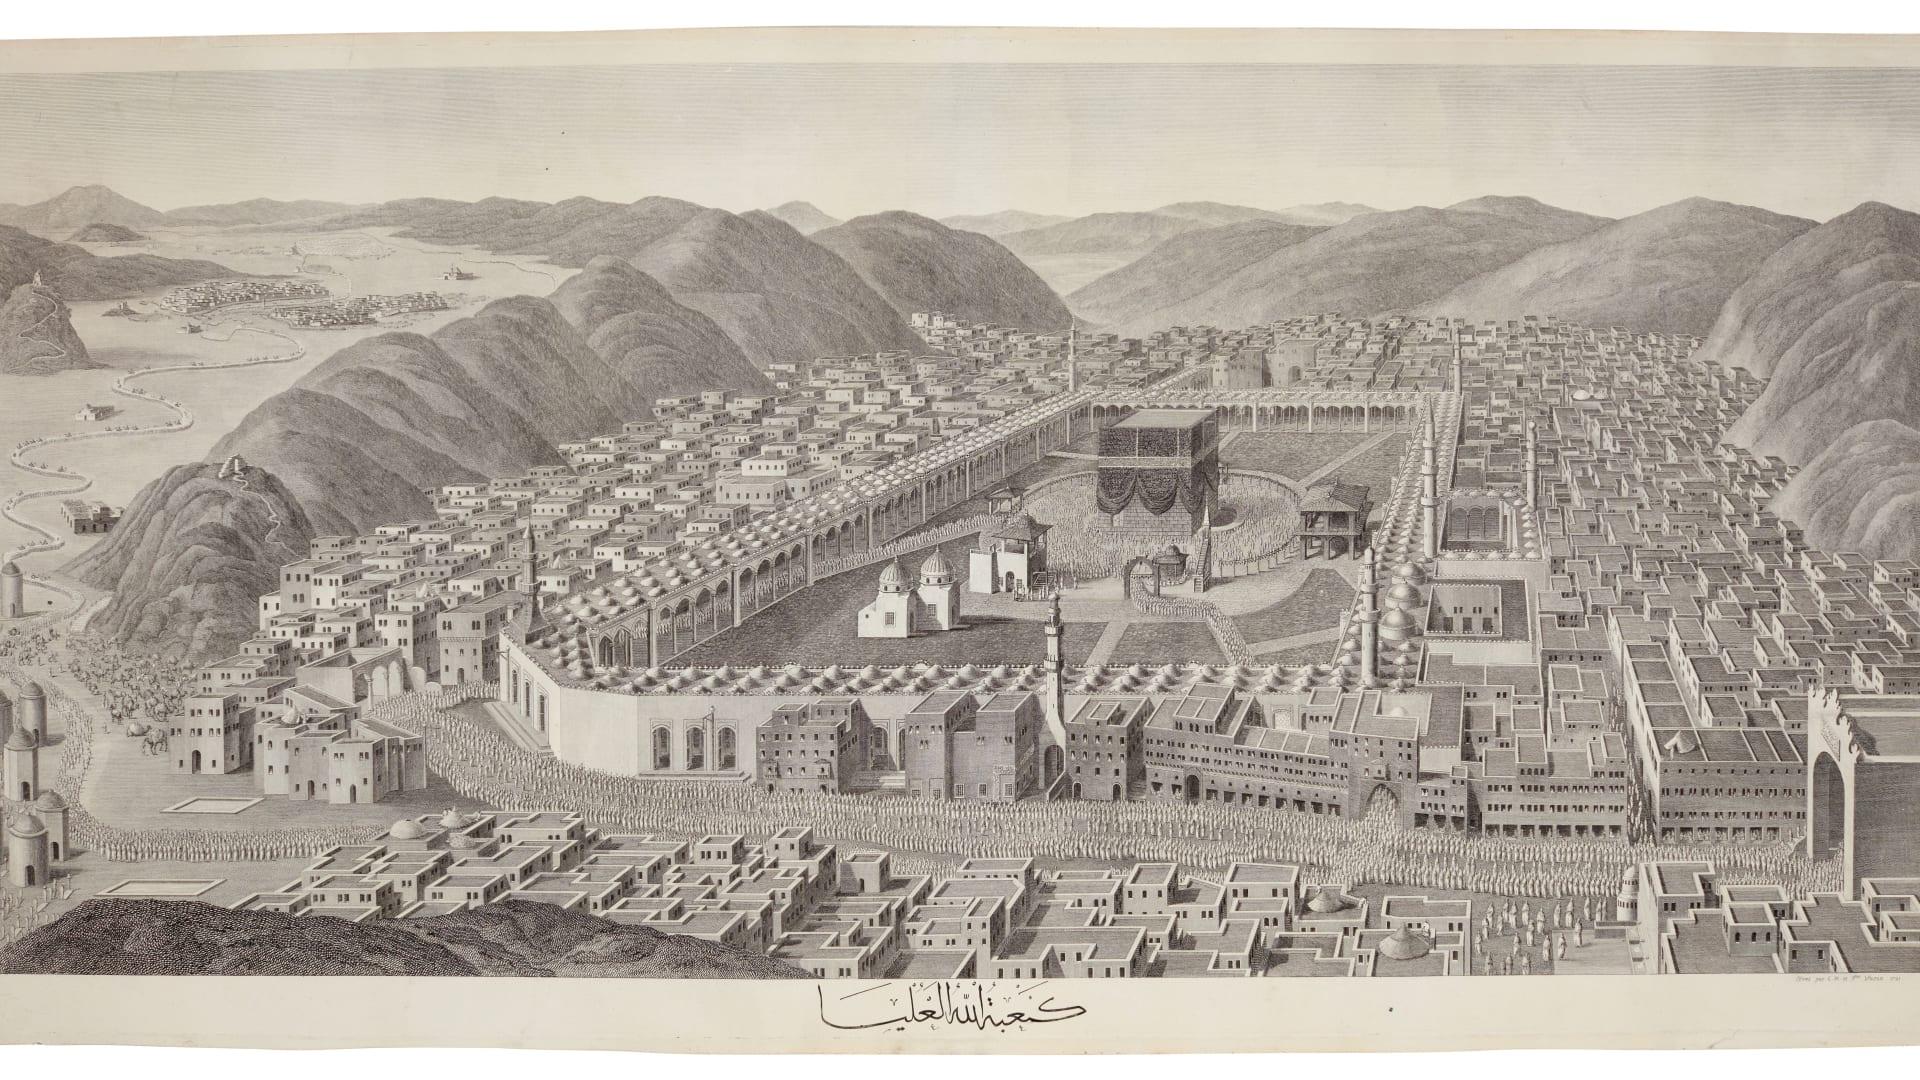 مشهد بانورامي مبهر.. عرض رسمة لمكة من القرن الـ18 بمزاد وقد يتجاوز سعره 25 ألف دولار